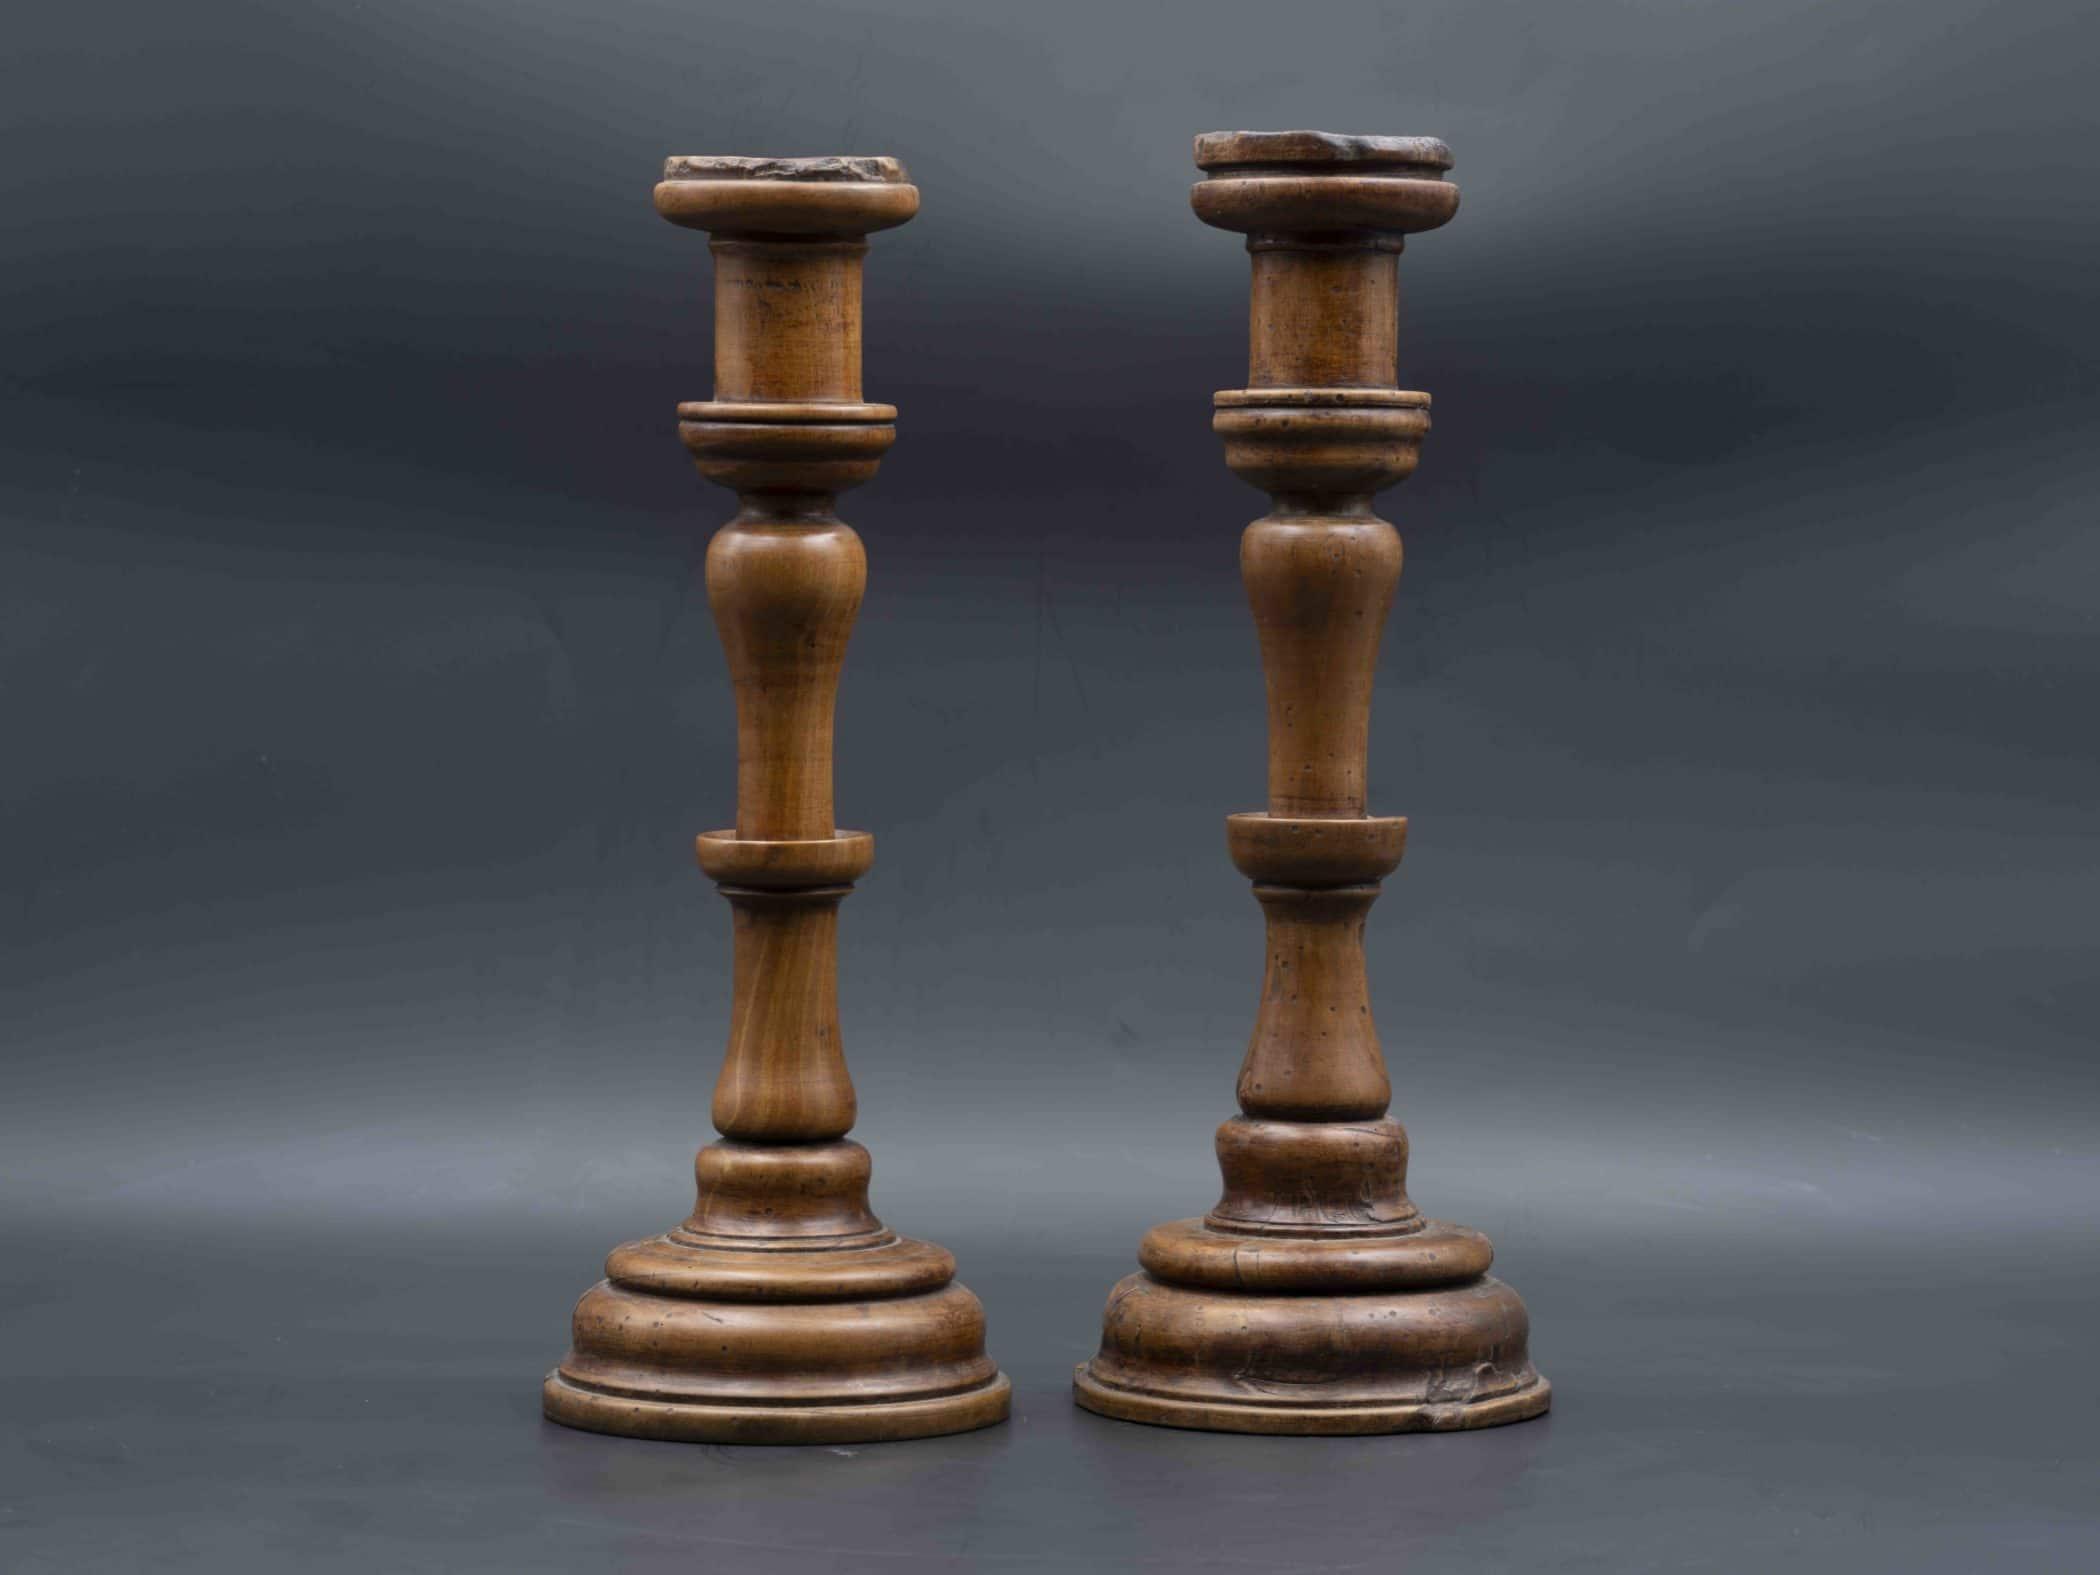 Bougeoirs rustiques en bois, XXe siècle